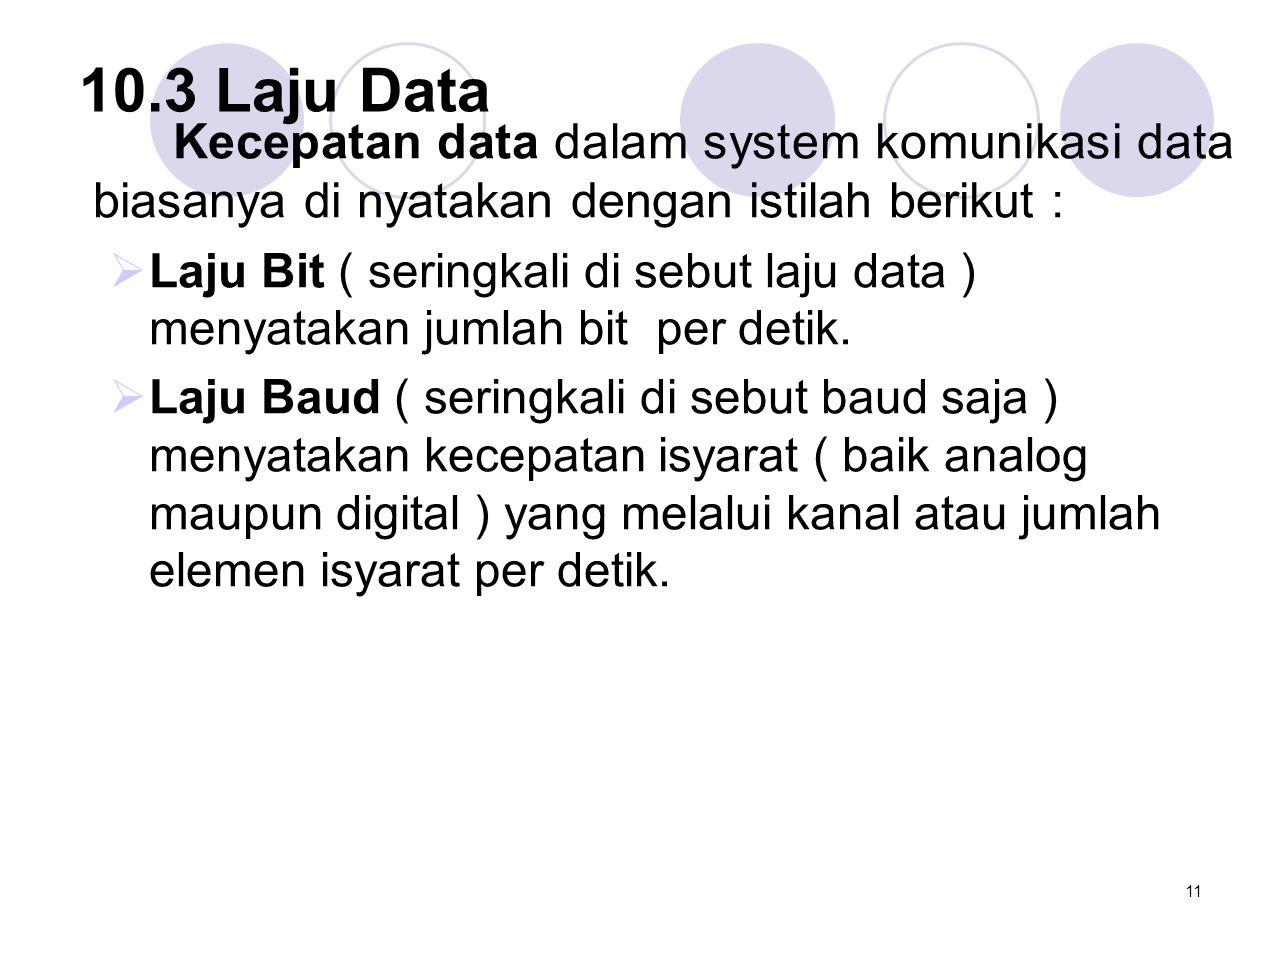 10.3 Laju Data Kecepatan data dalam system komunikasi data biasanya di nyatakan dengan istilah berikut :  Laju Bit ( seringkali di sebut laju data )